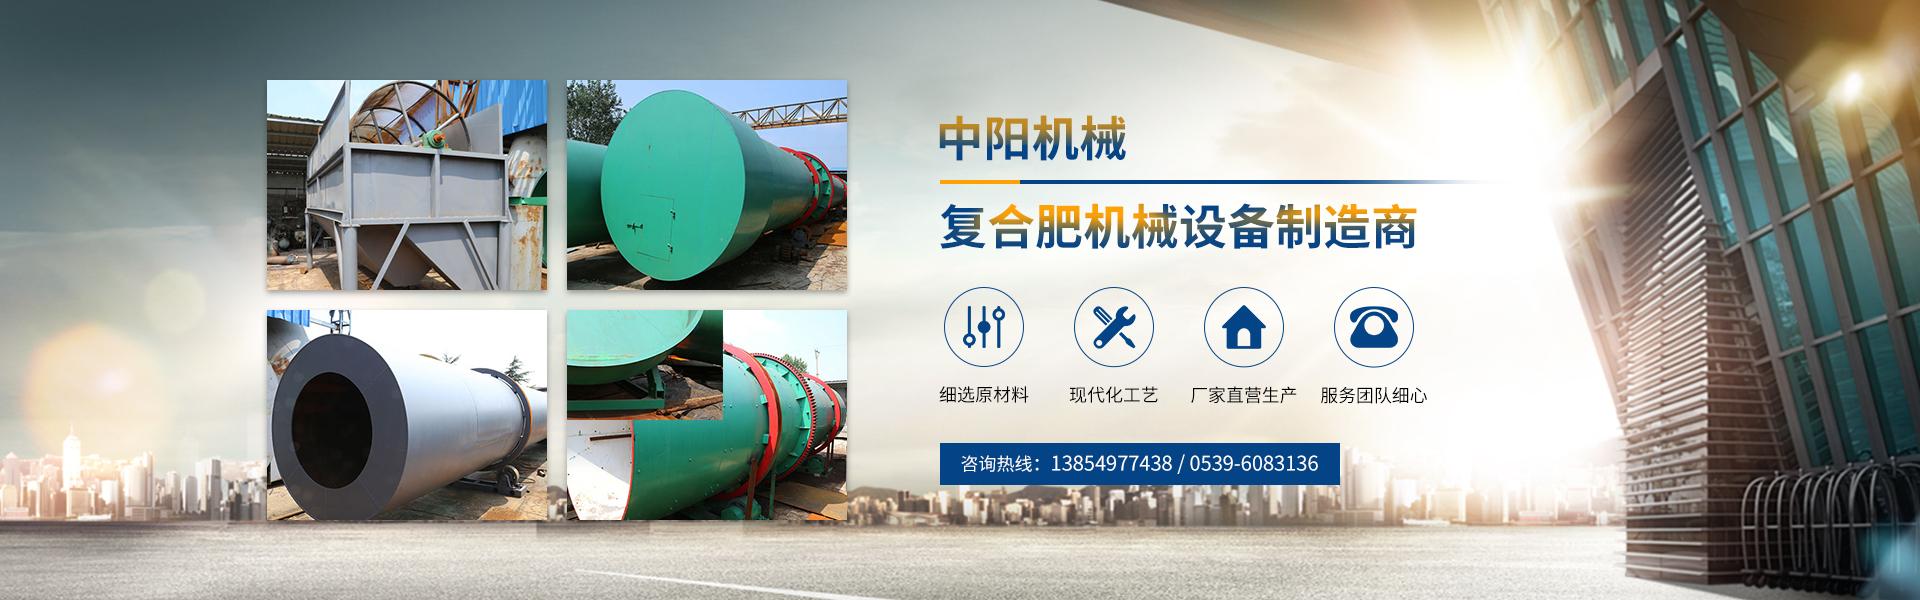 有机肥设备生产厂家,复合肥设备生产厂家,输送设备厂家直销,山东控释肥设备厂家